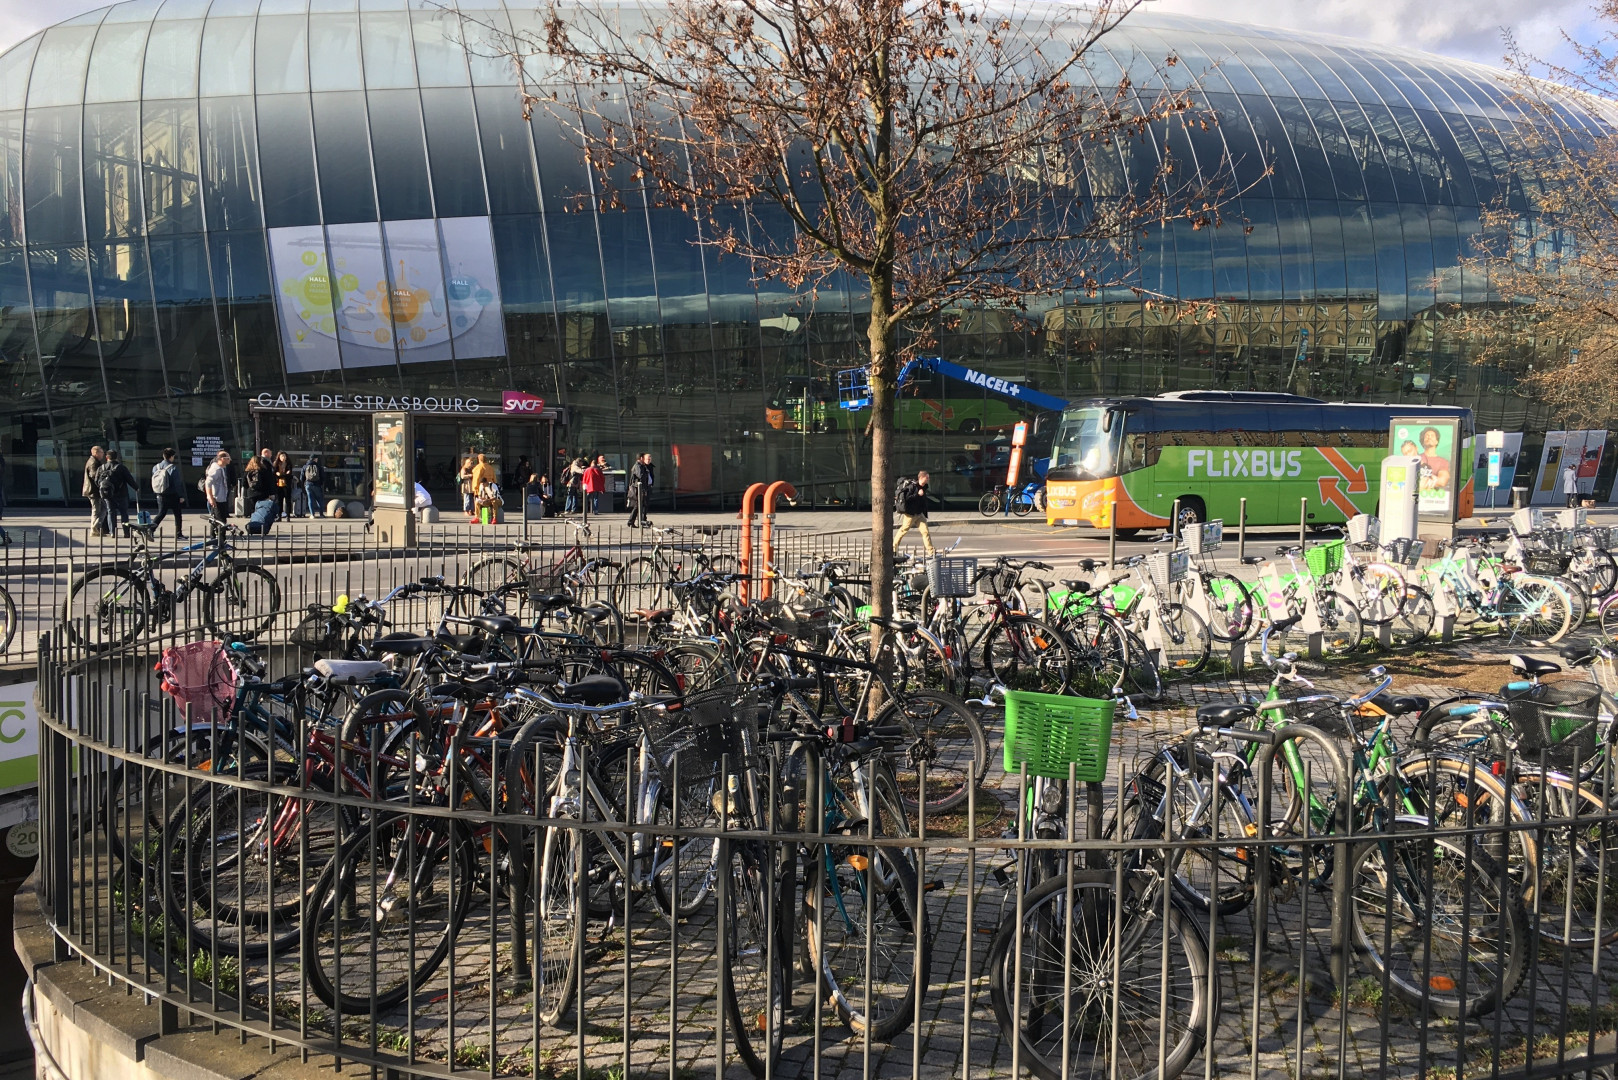 Les vélos s'entassent devant la gare de Strasbourg